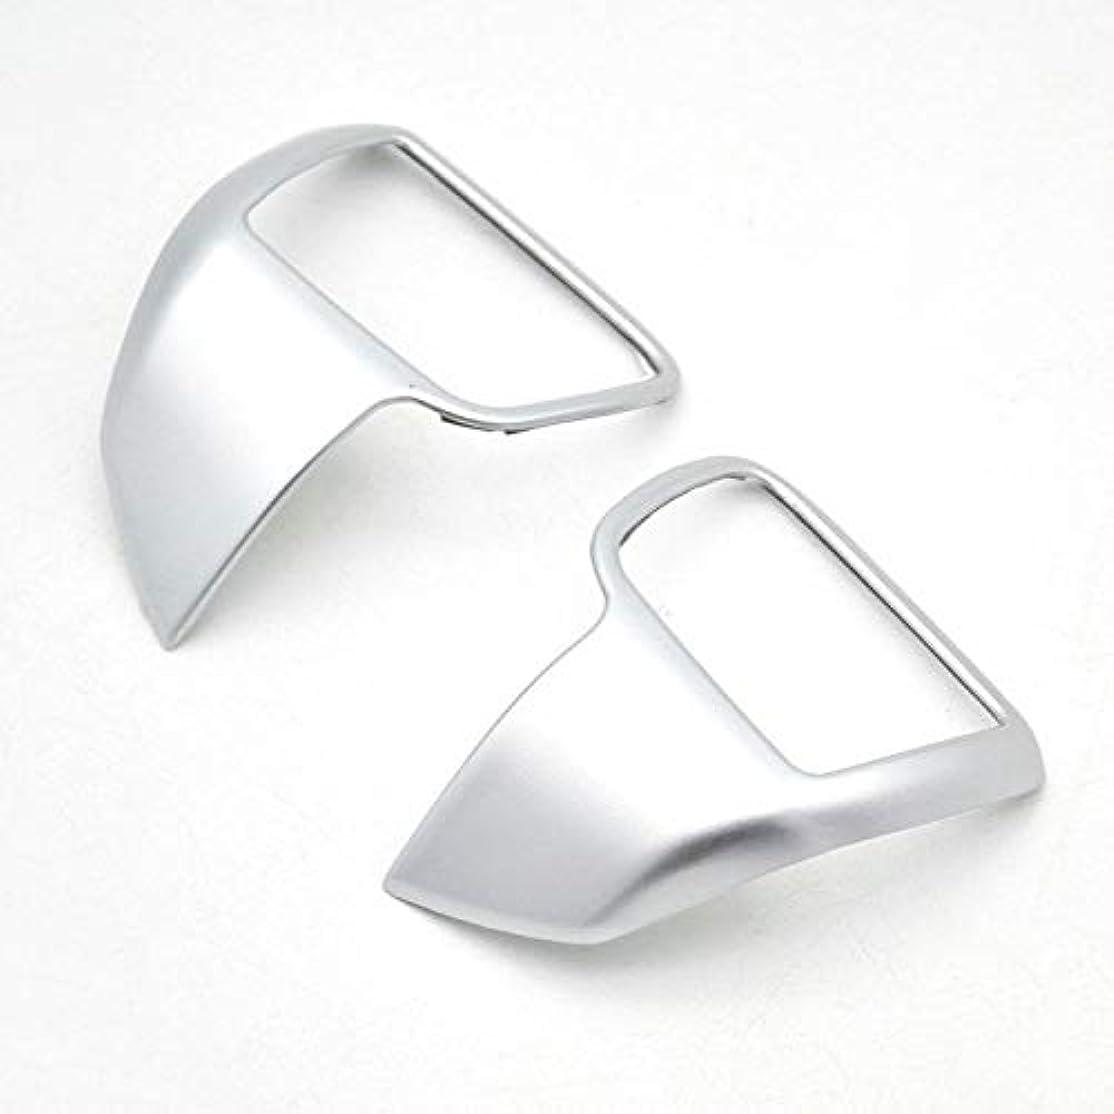 最終的にカエルコーラスJicorzo - 2pcs Chrome ABS Steering Wheel Panel Cover Trim Garnish Bezel For Toyota Kluger 2014-2018 Car Interior Accessories Styling